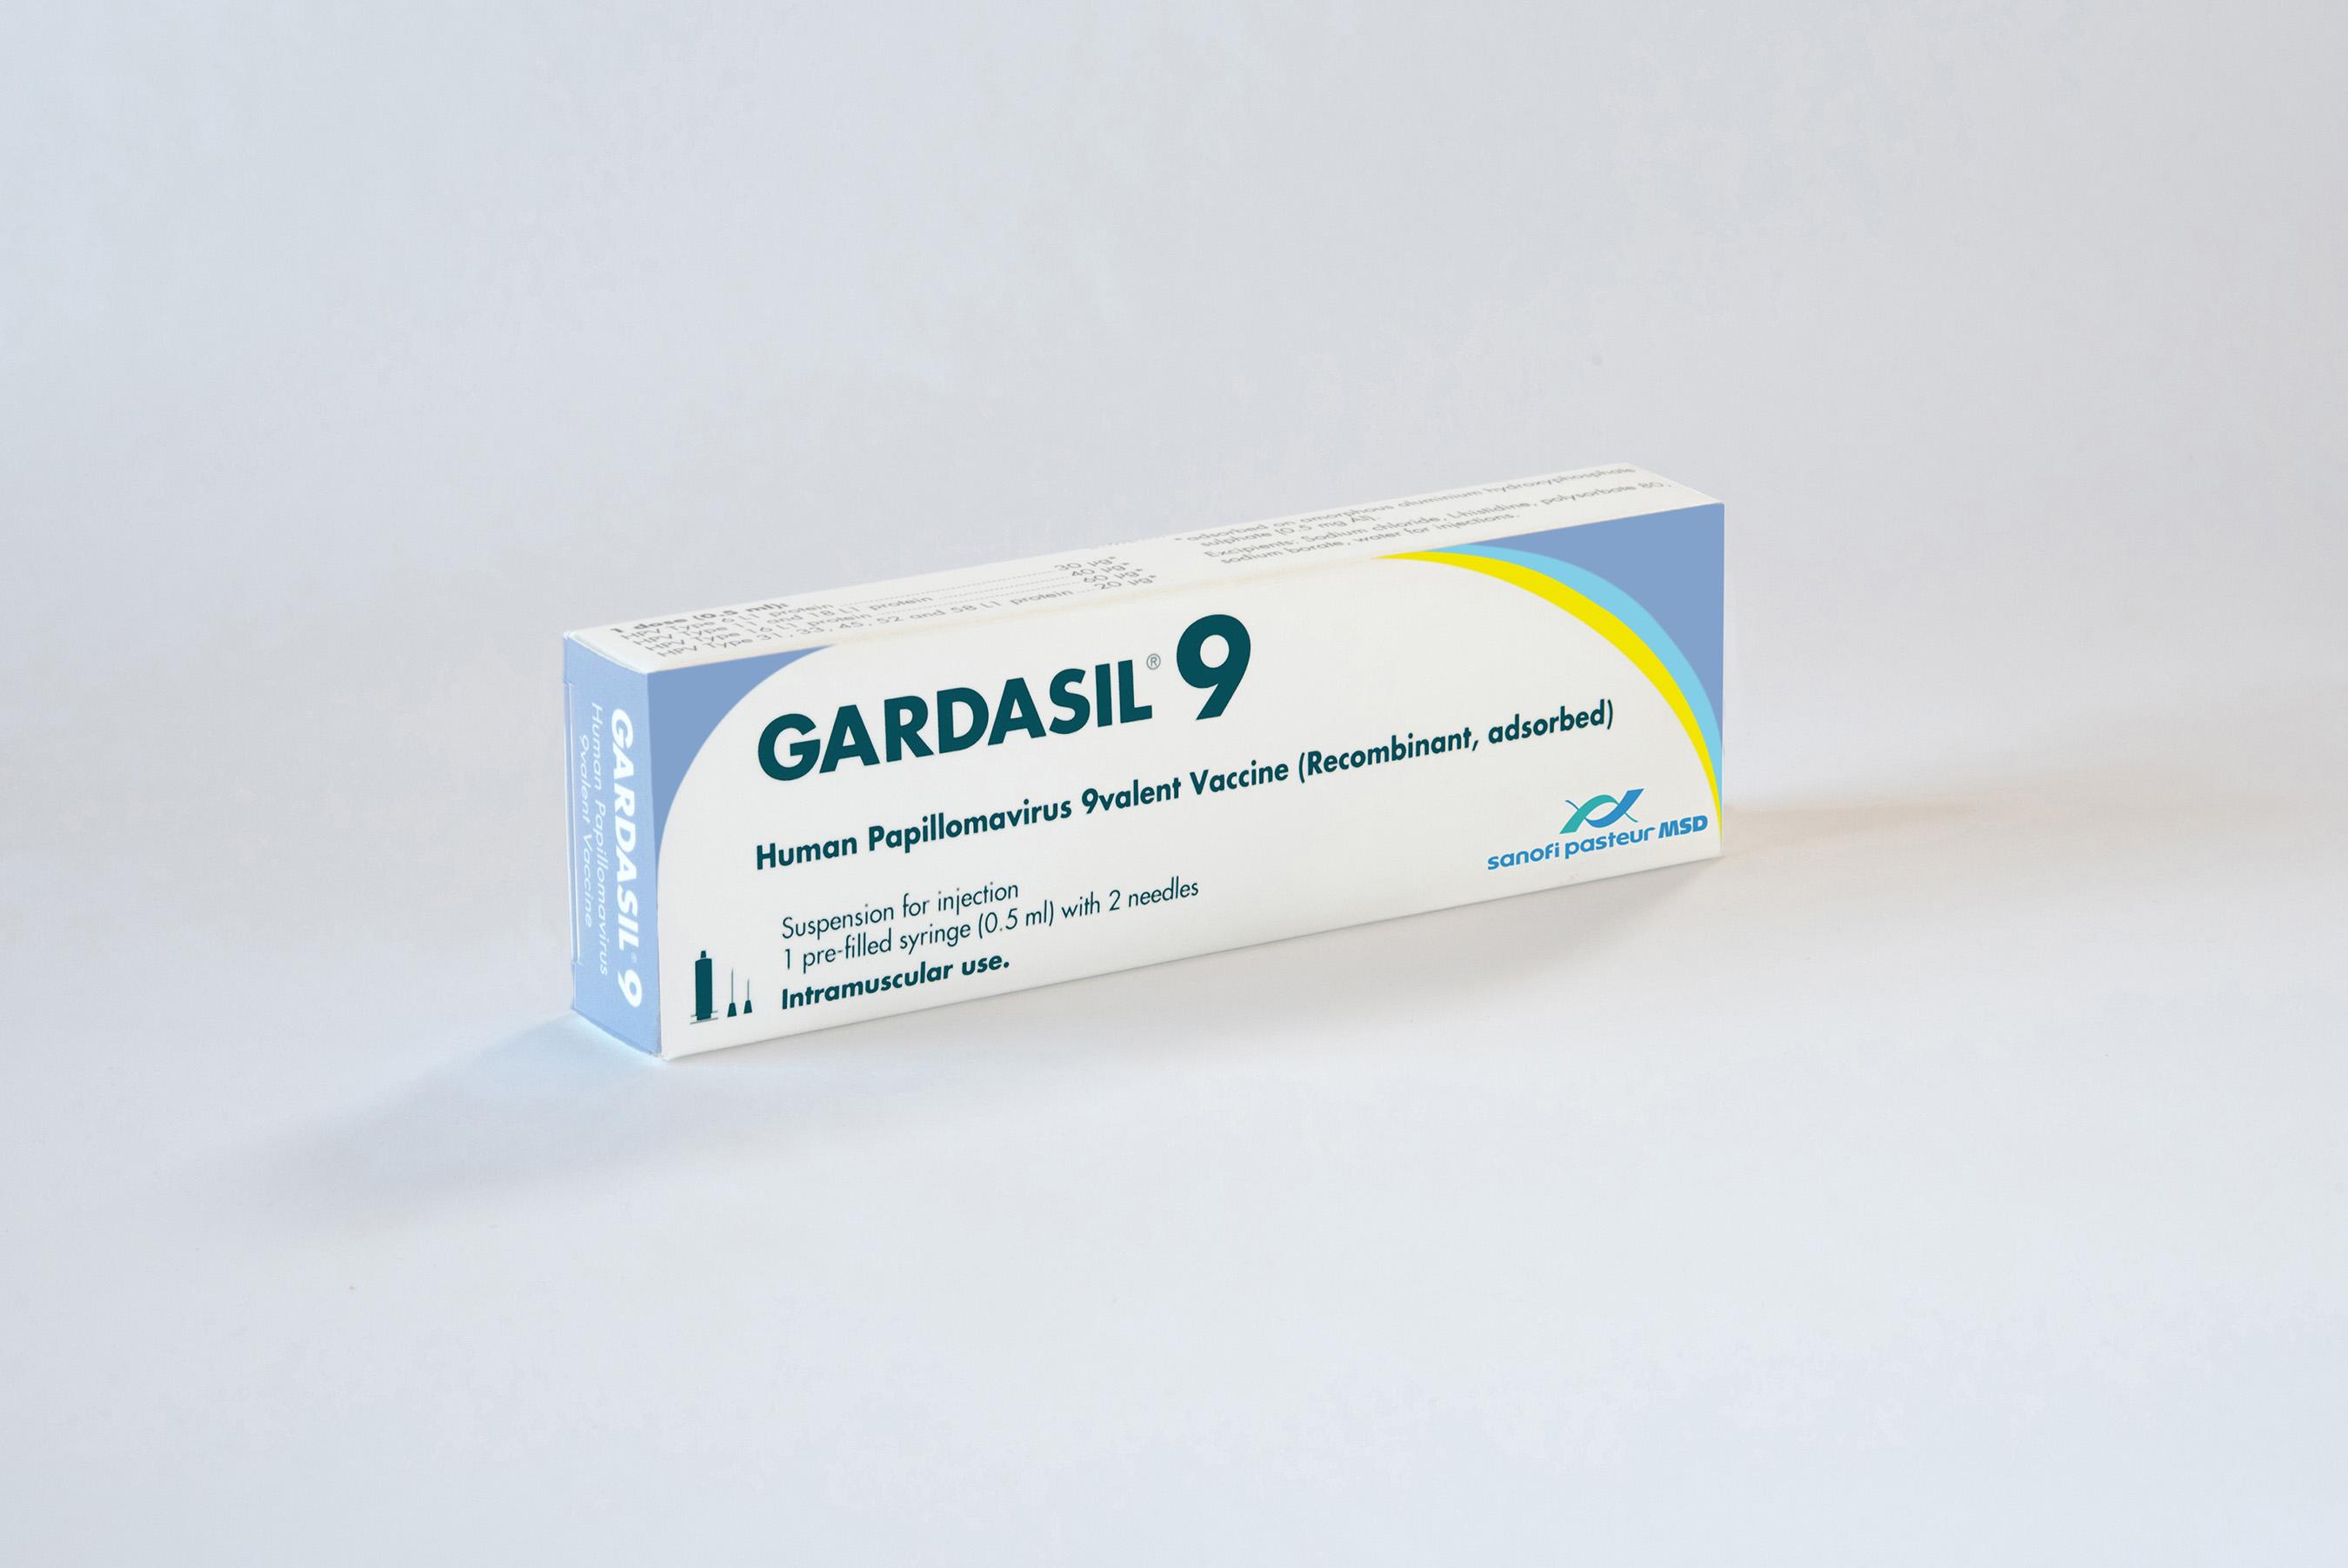 human papillomavirus 9 vaccine